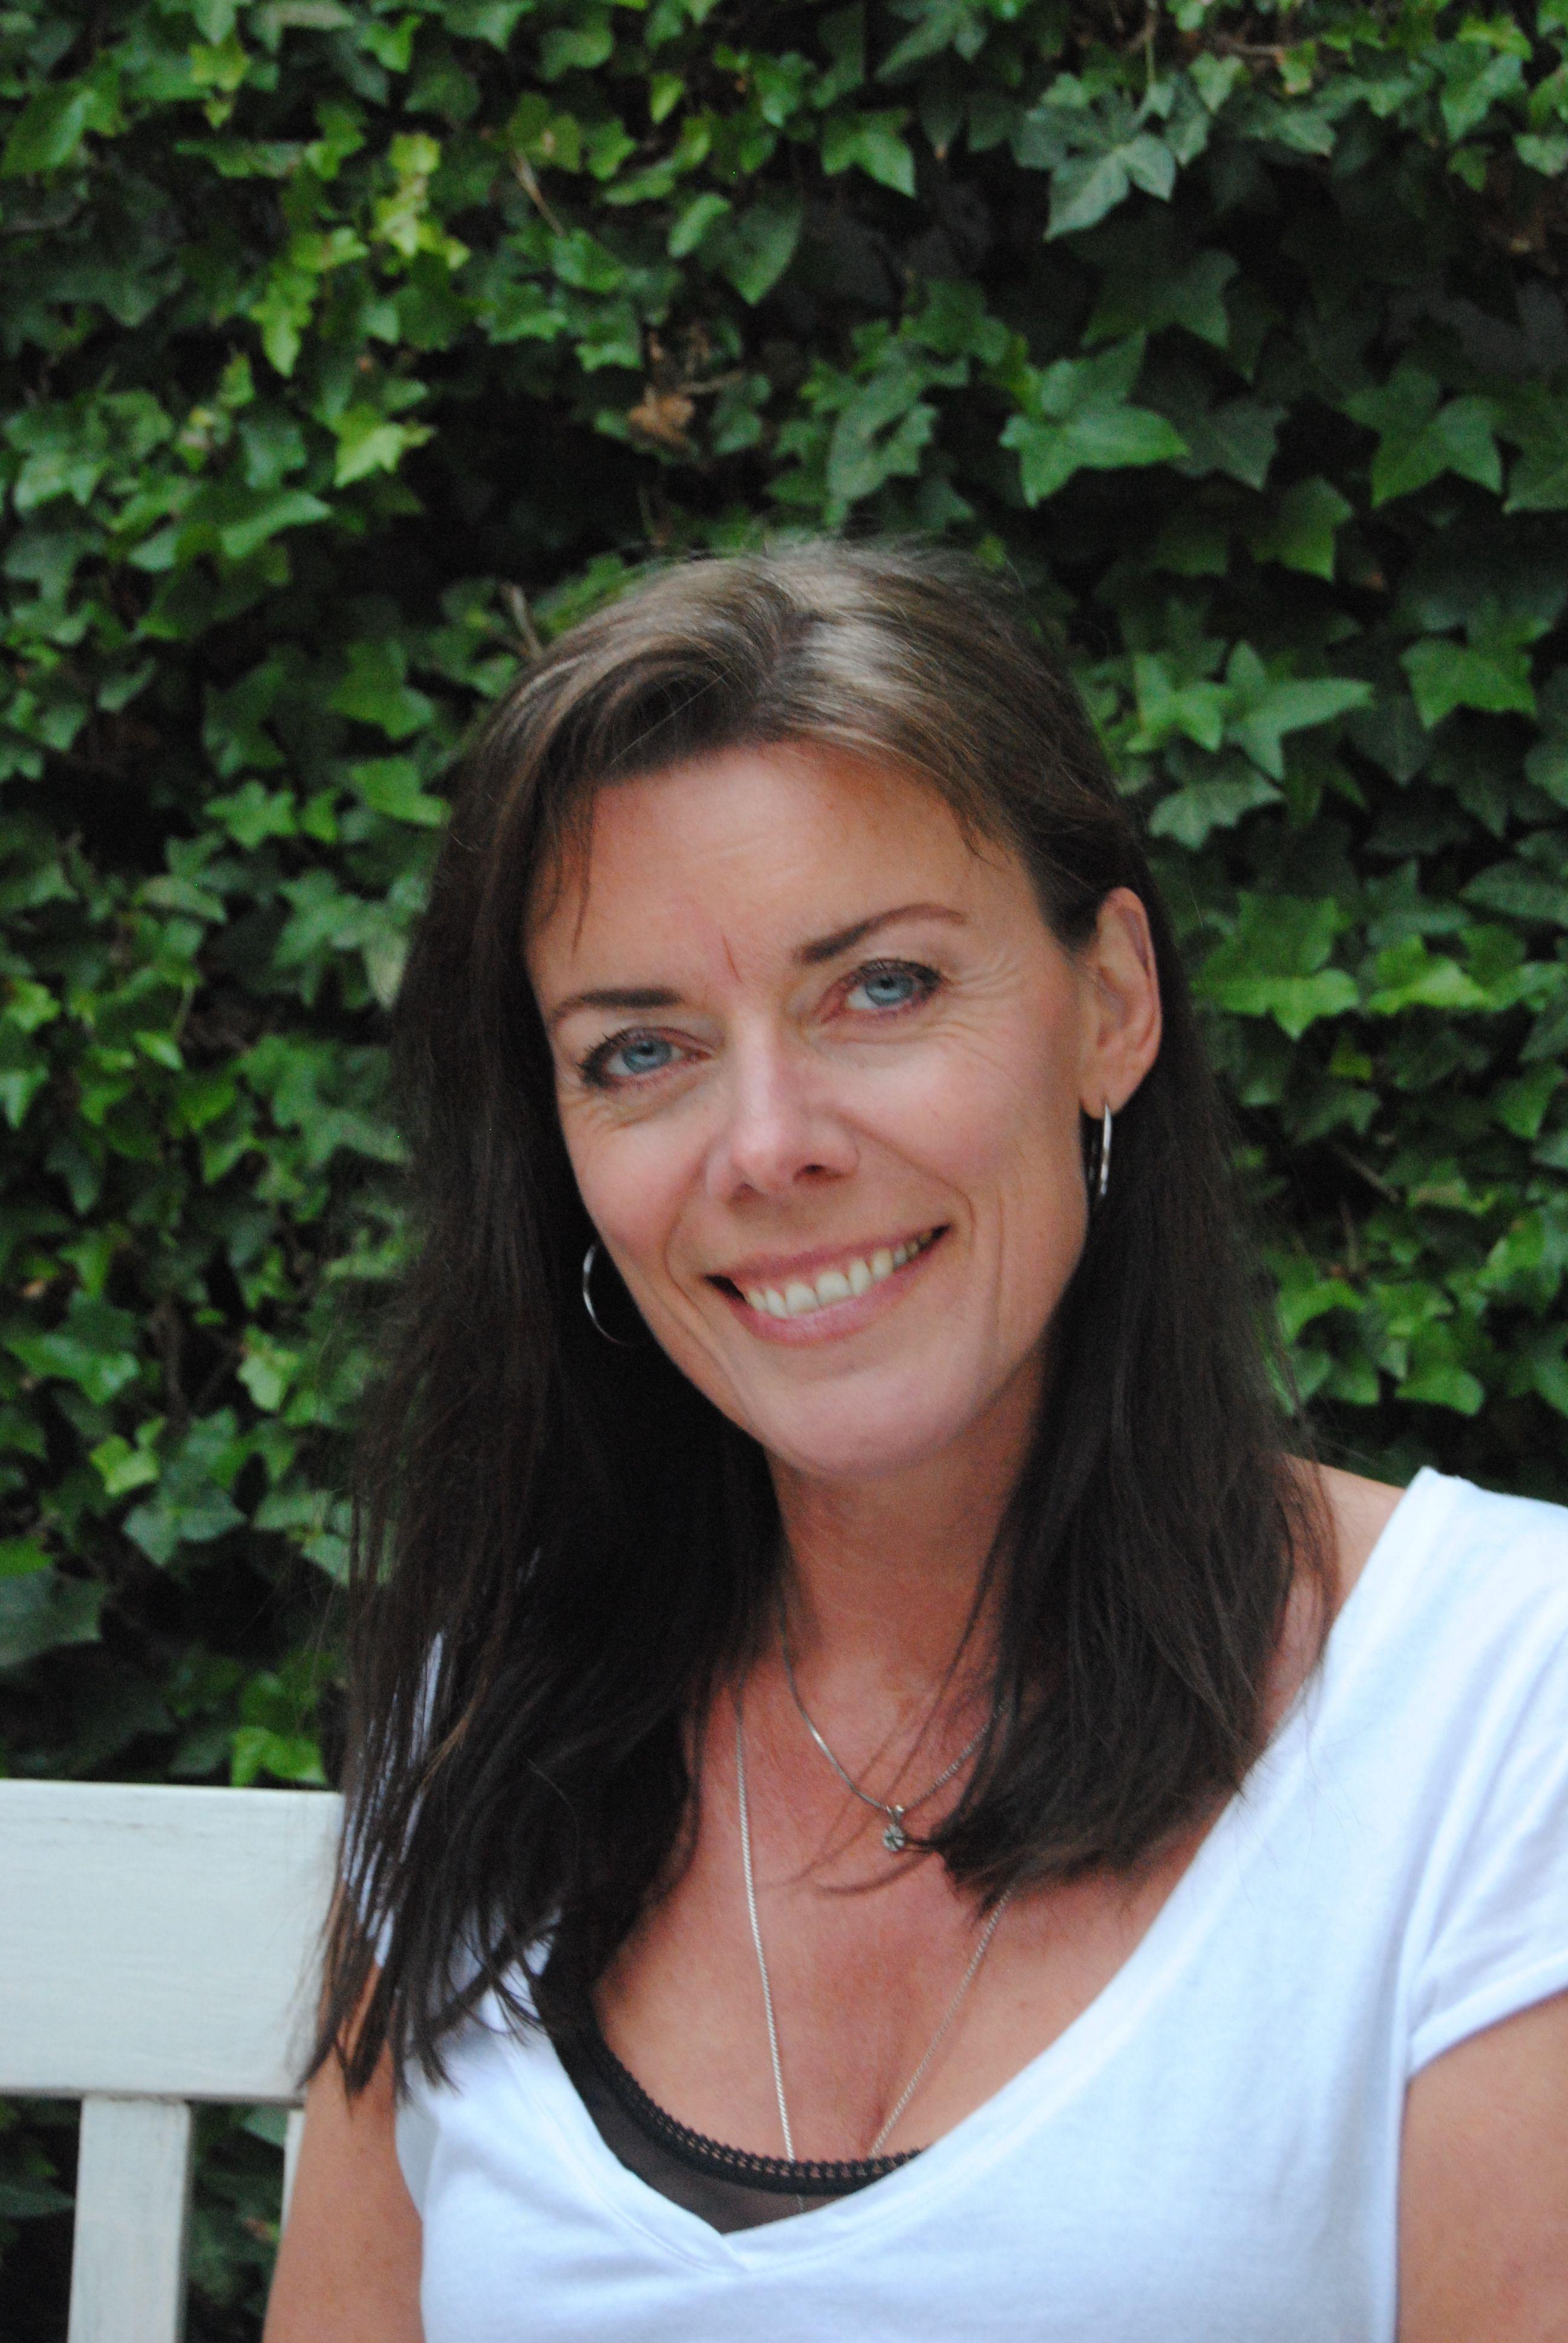 Lene Skou Jensen er jordemoder, ID-psykoterapeut og forfatter. Hun har været jordemoder i mere end 25 år og underviser bl.a. studerende, fagpersonale og kommende forældre.